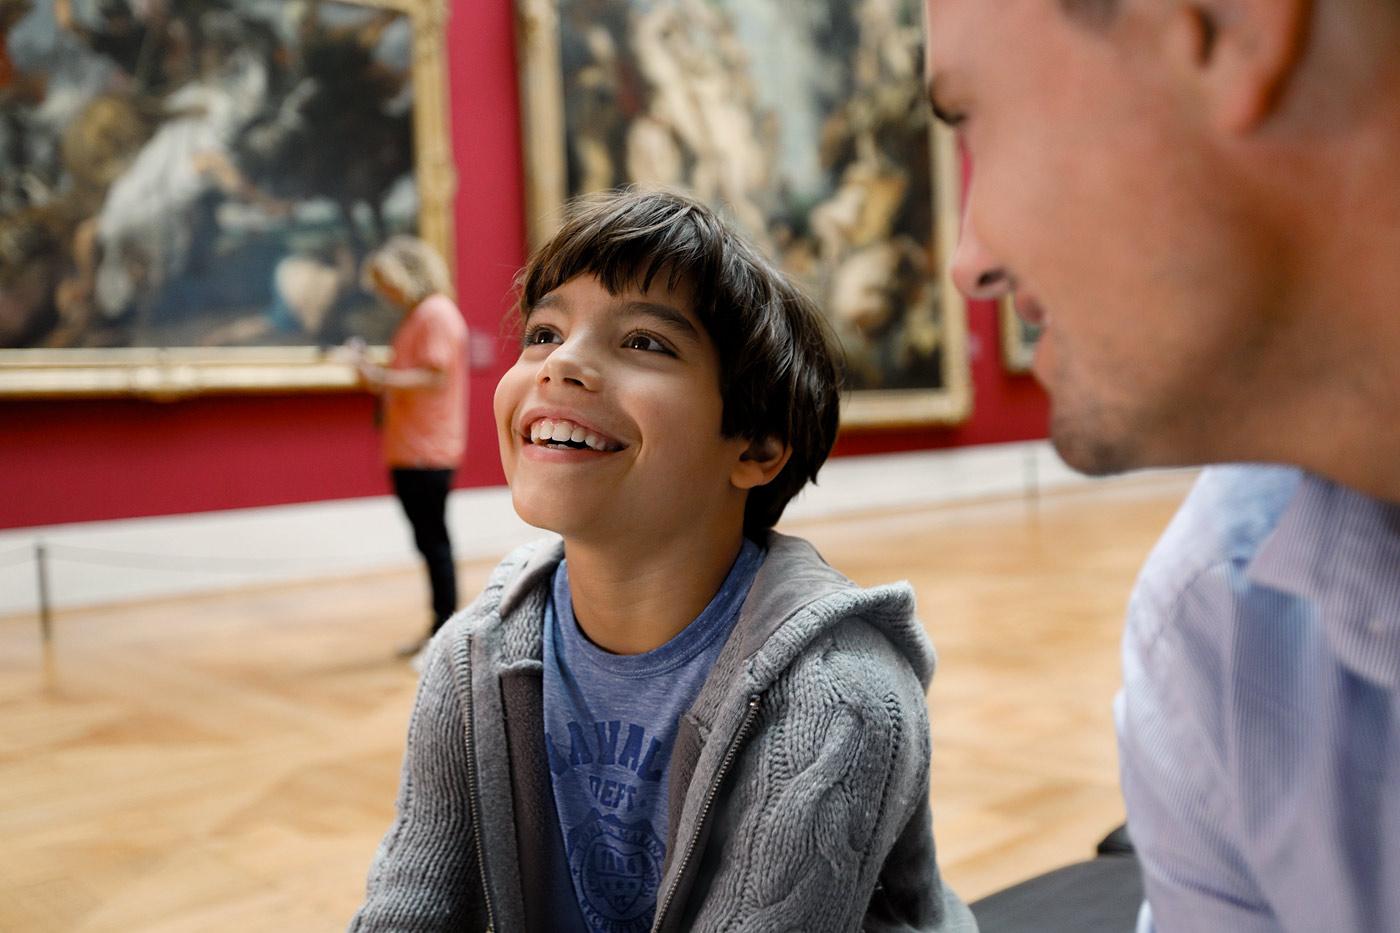 Junge staunt im Museum